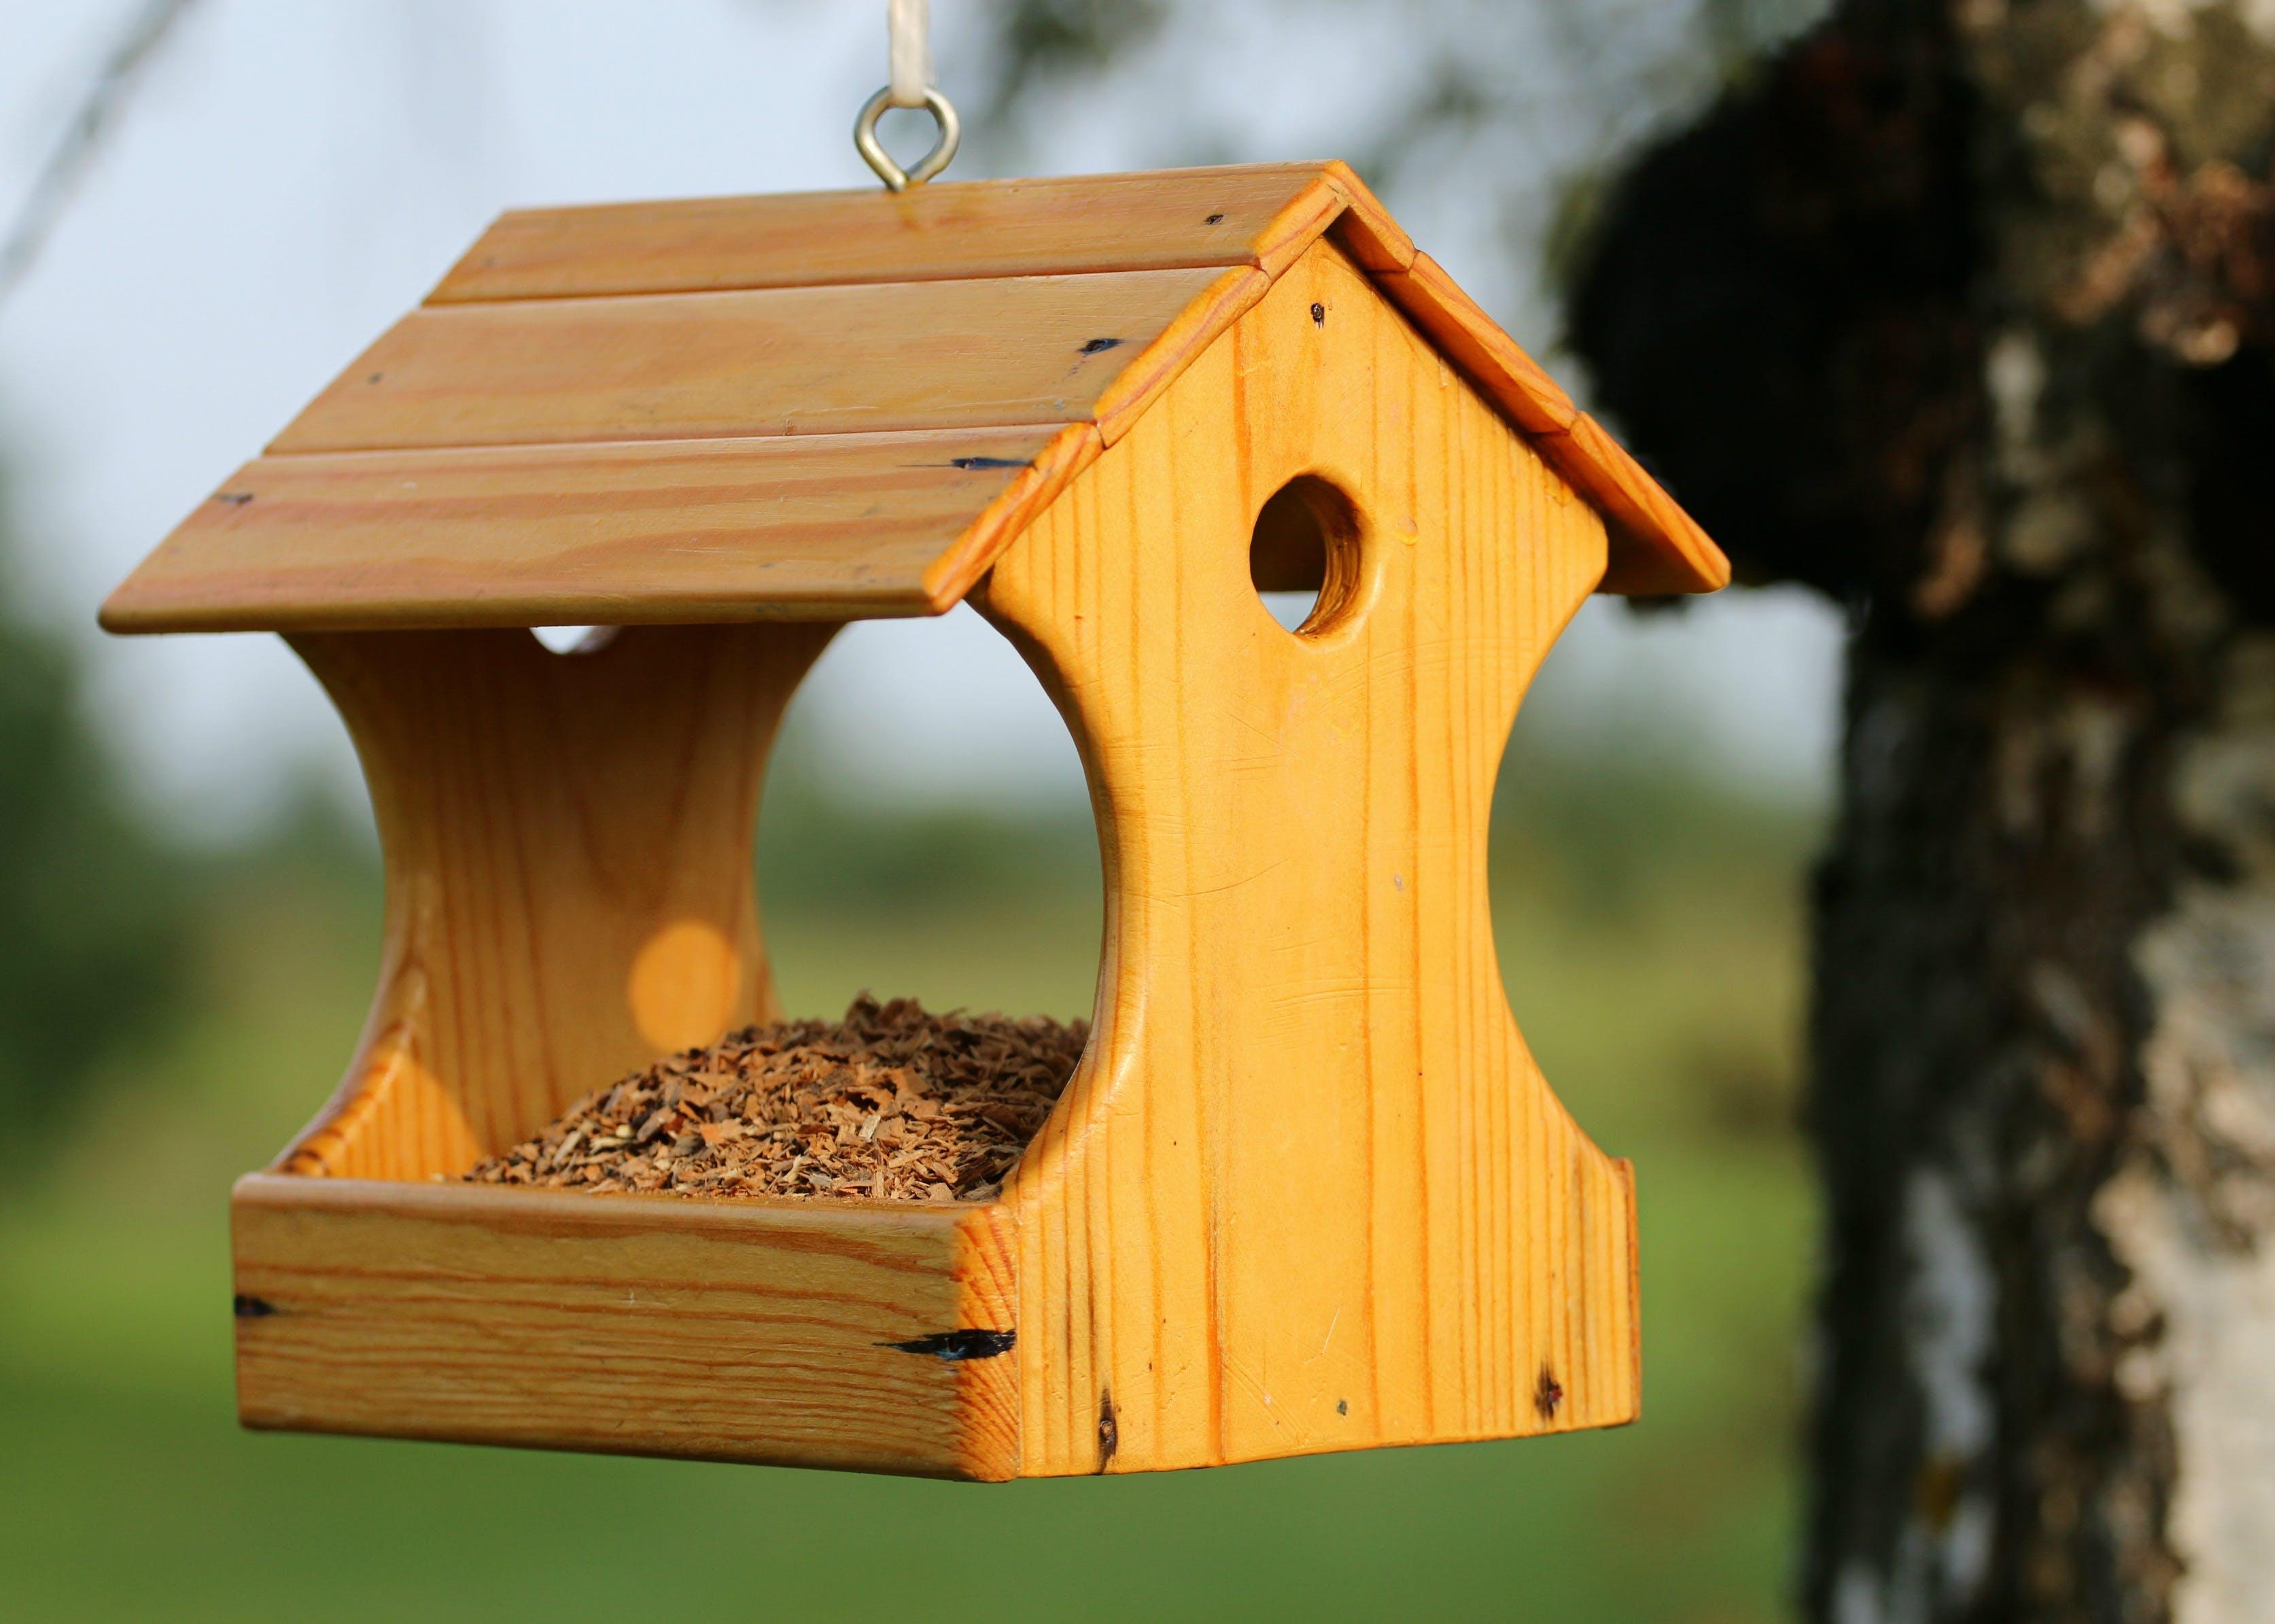 Ilmainen kuvapankkikuva tunnisteilla linnunpönttö, pesä, puinen, puu